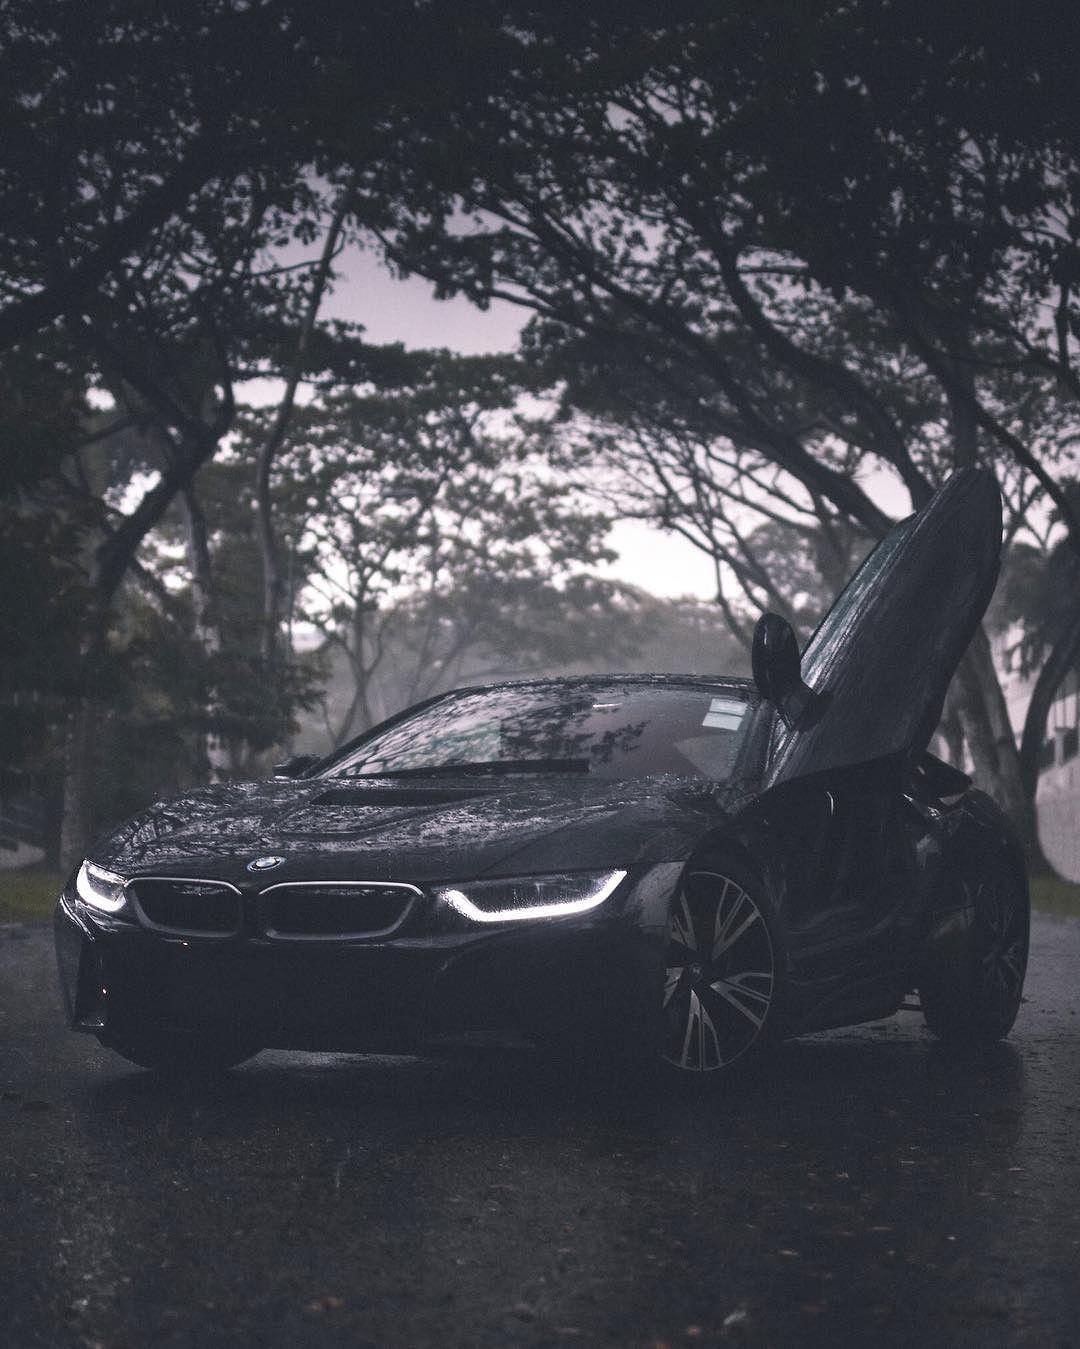 Bmw I8 Black Rain Bmw I8 Bmw Bmw I8 Black